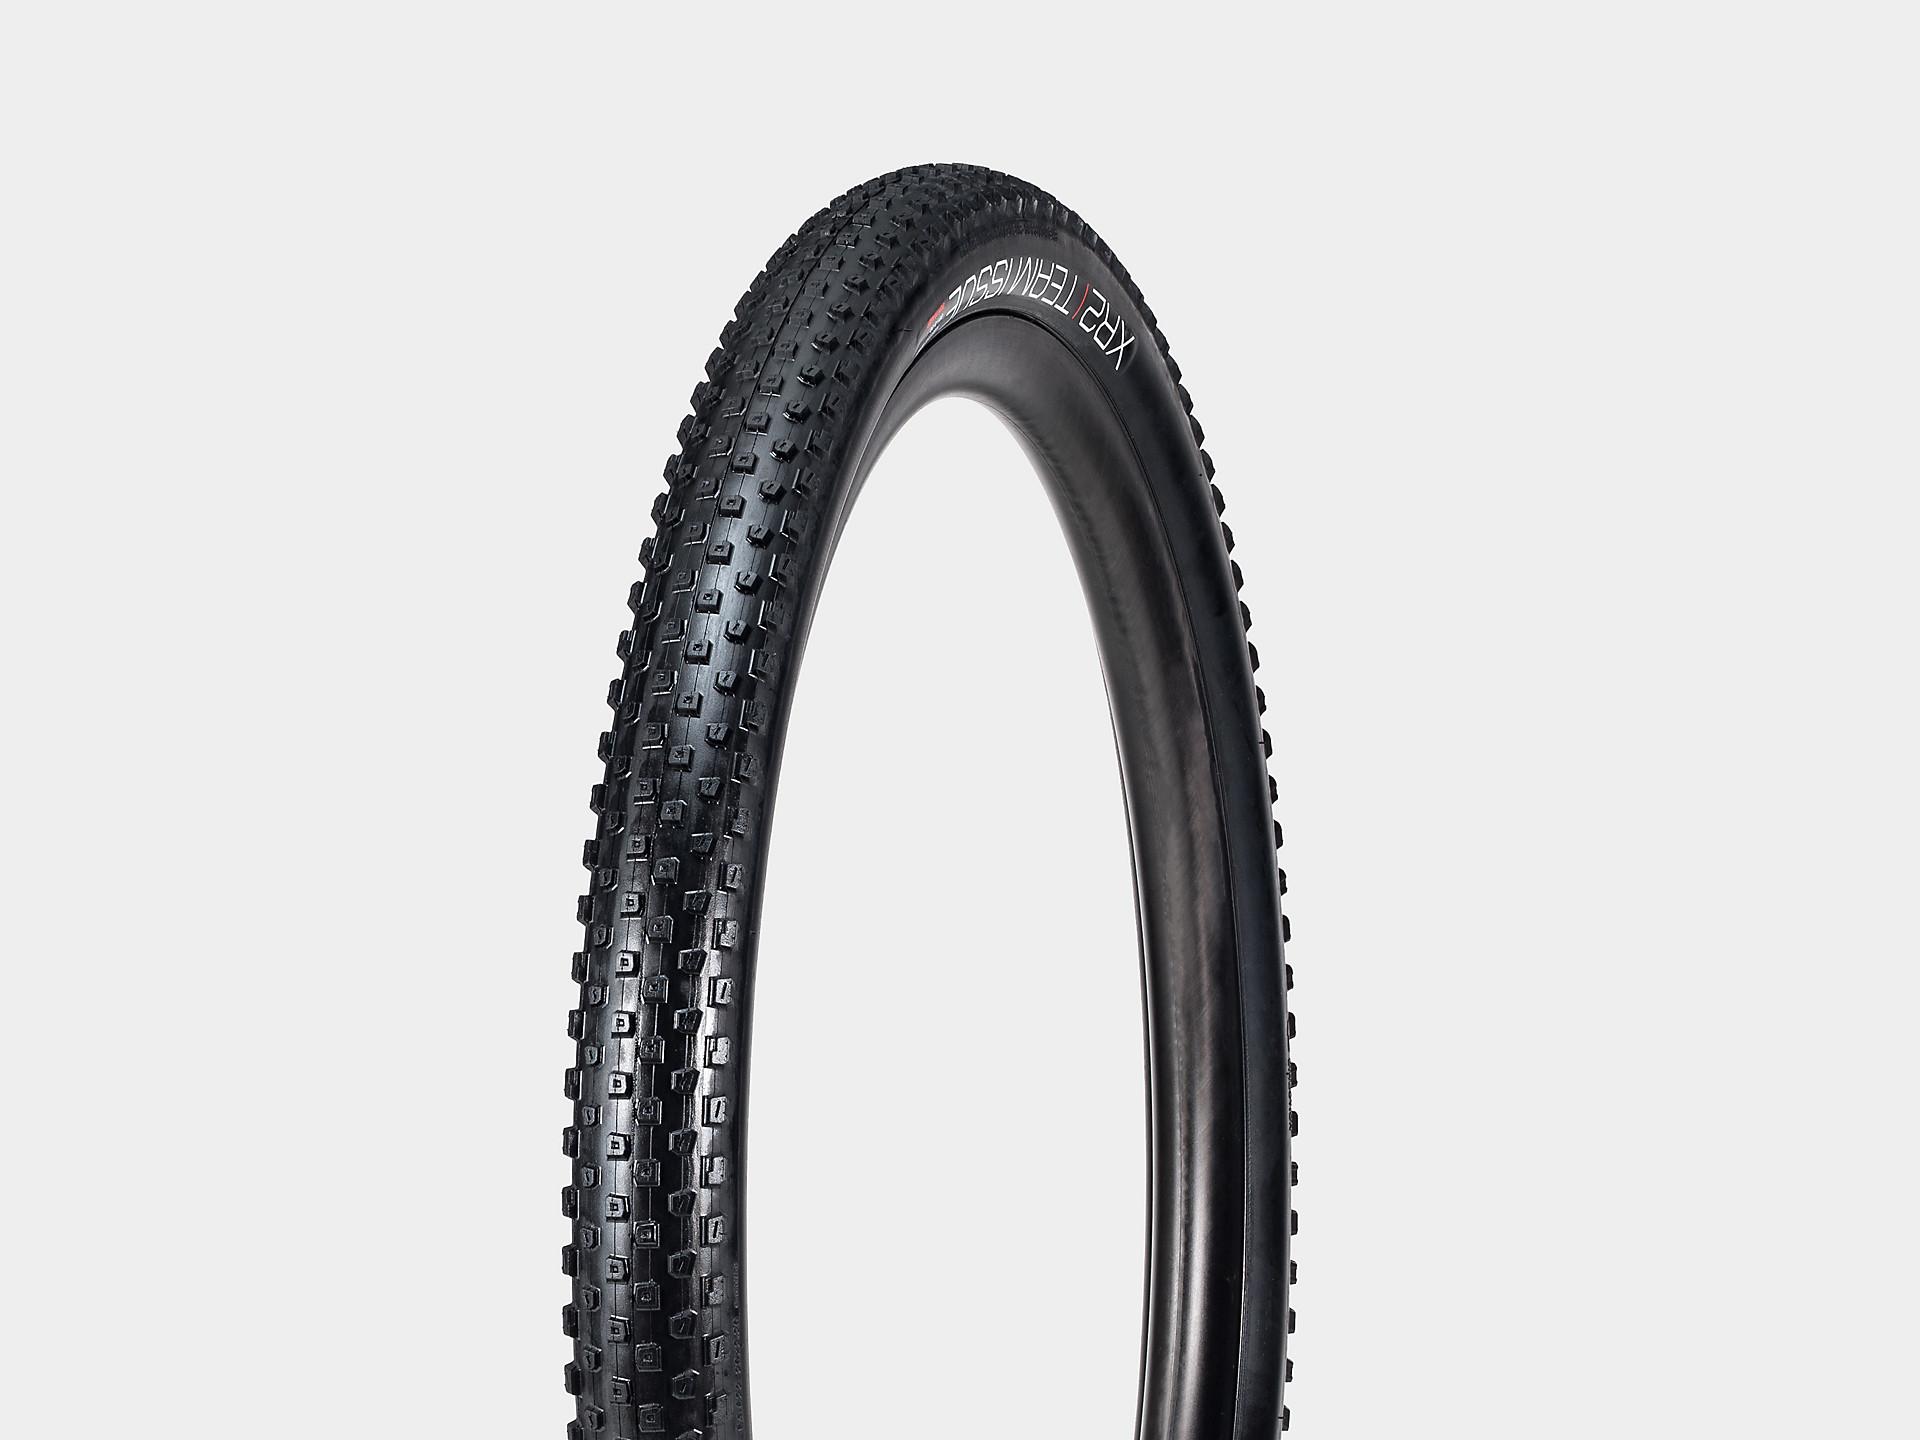 Bontrager XR2 Team Issue TLR MTB Tire black